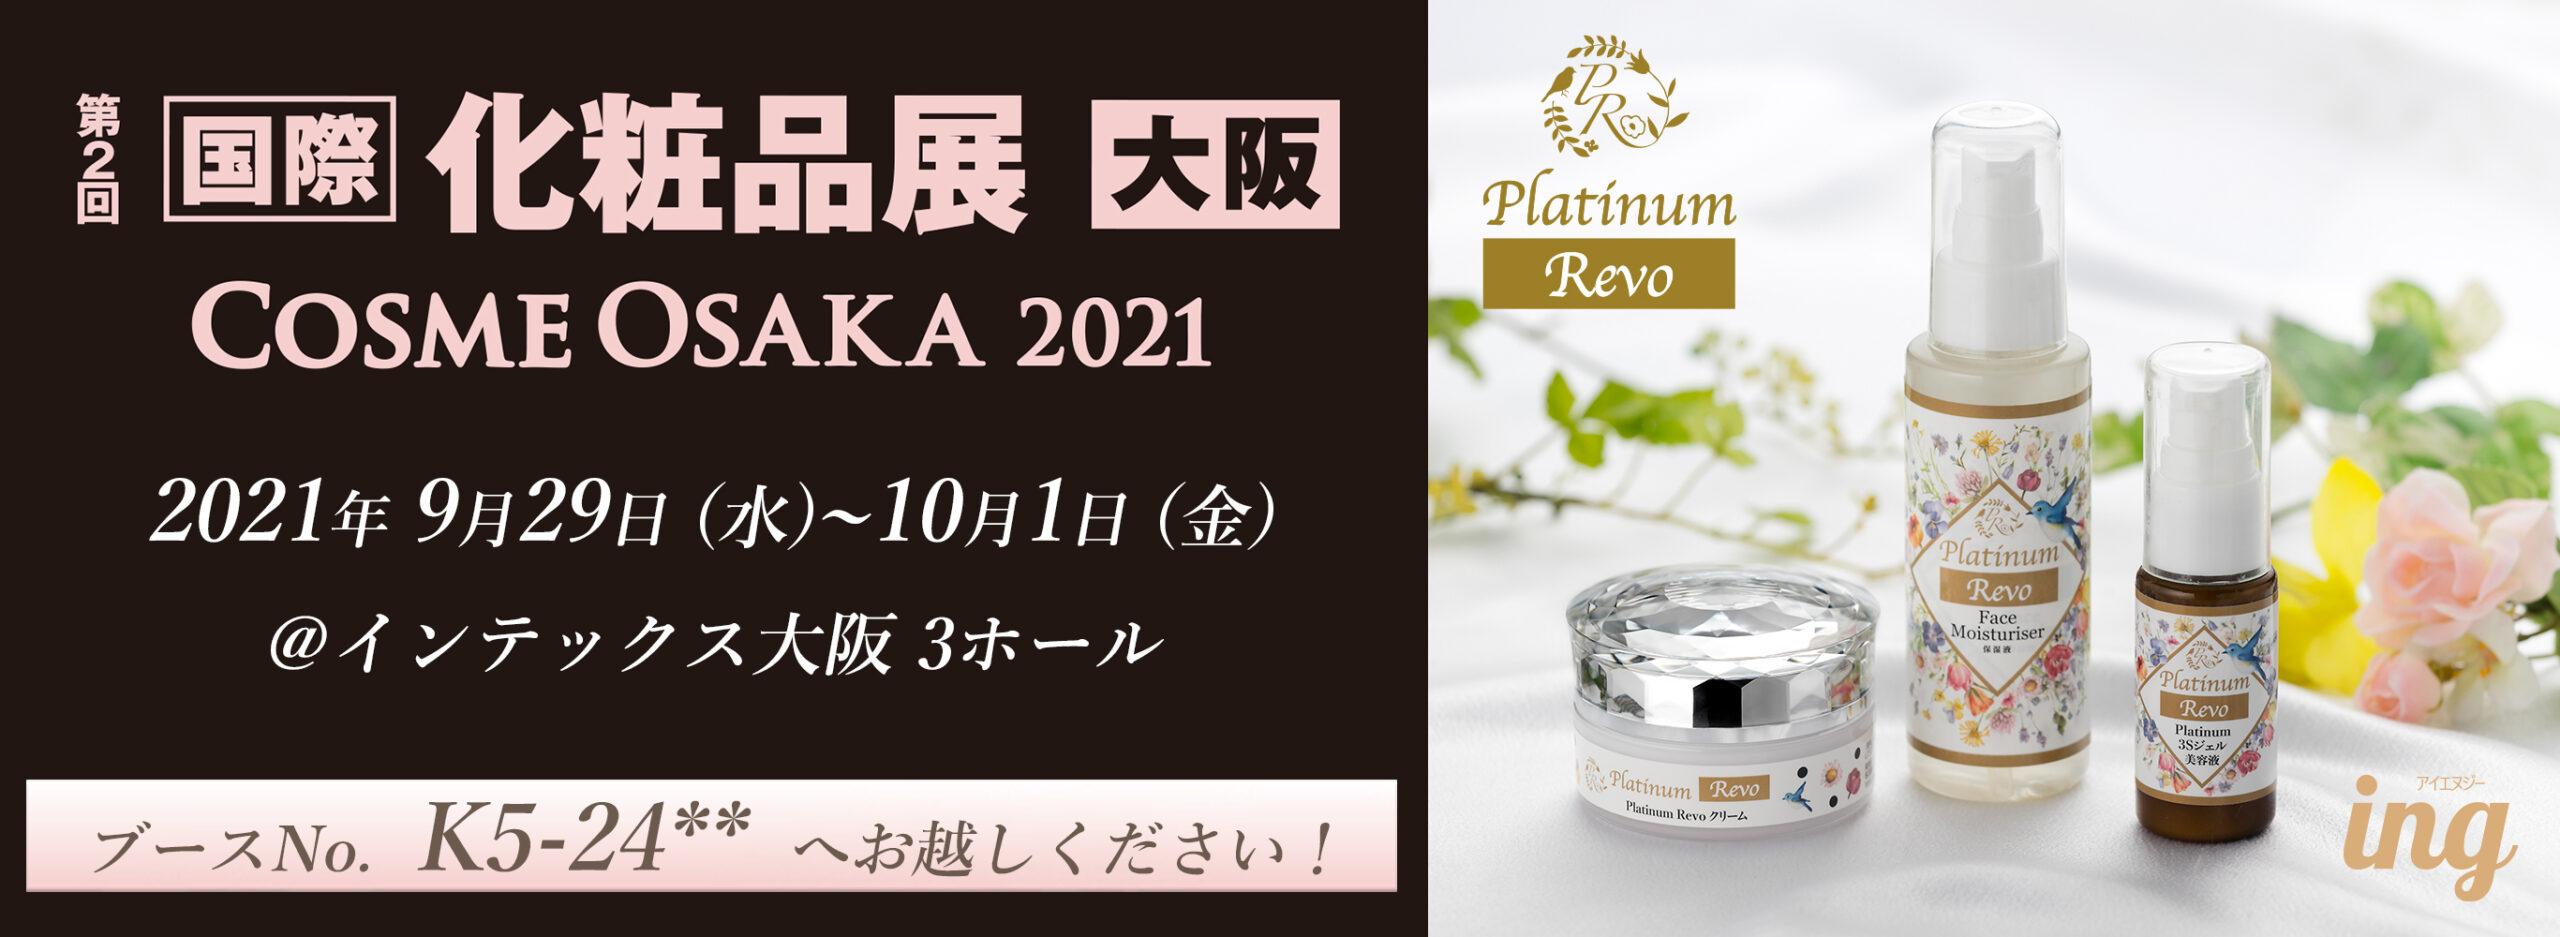 Cosme Osaka 2021